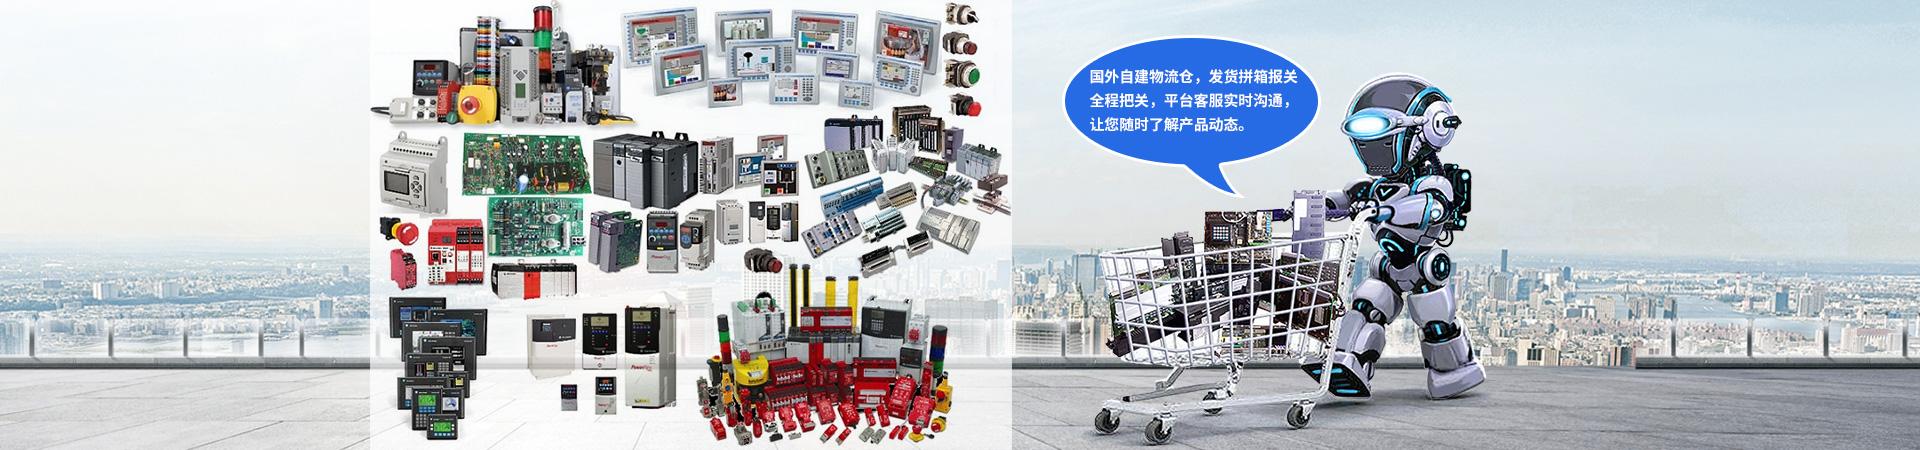 进口工控产品直销店